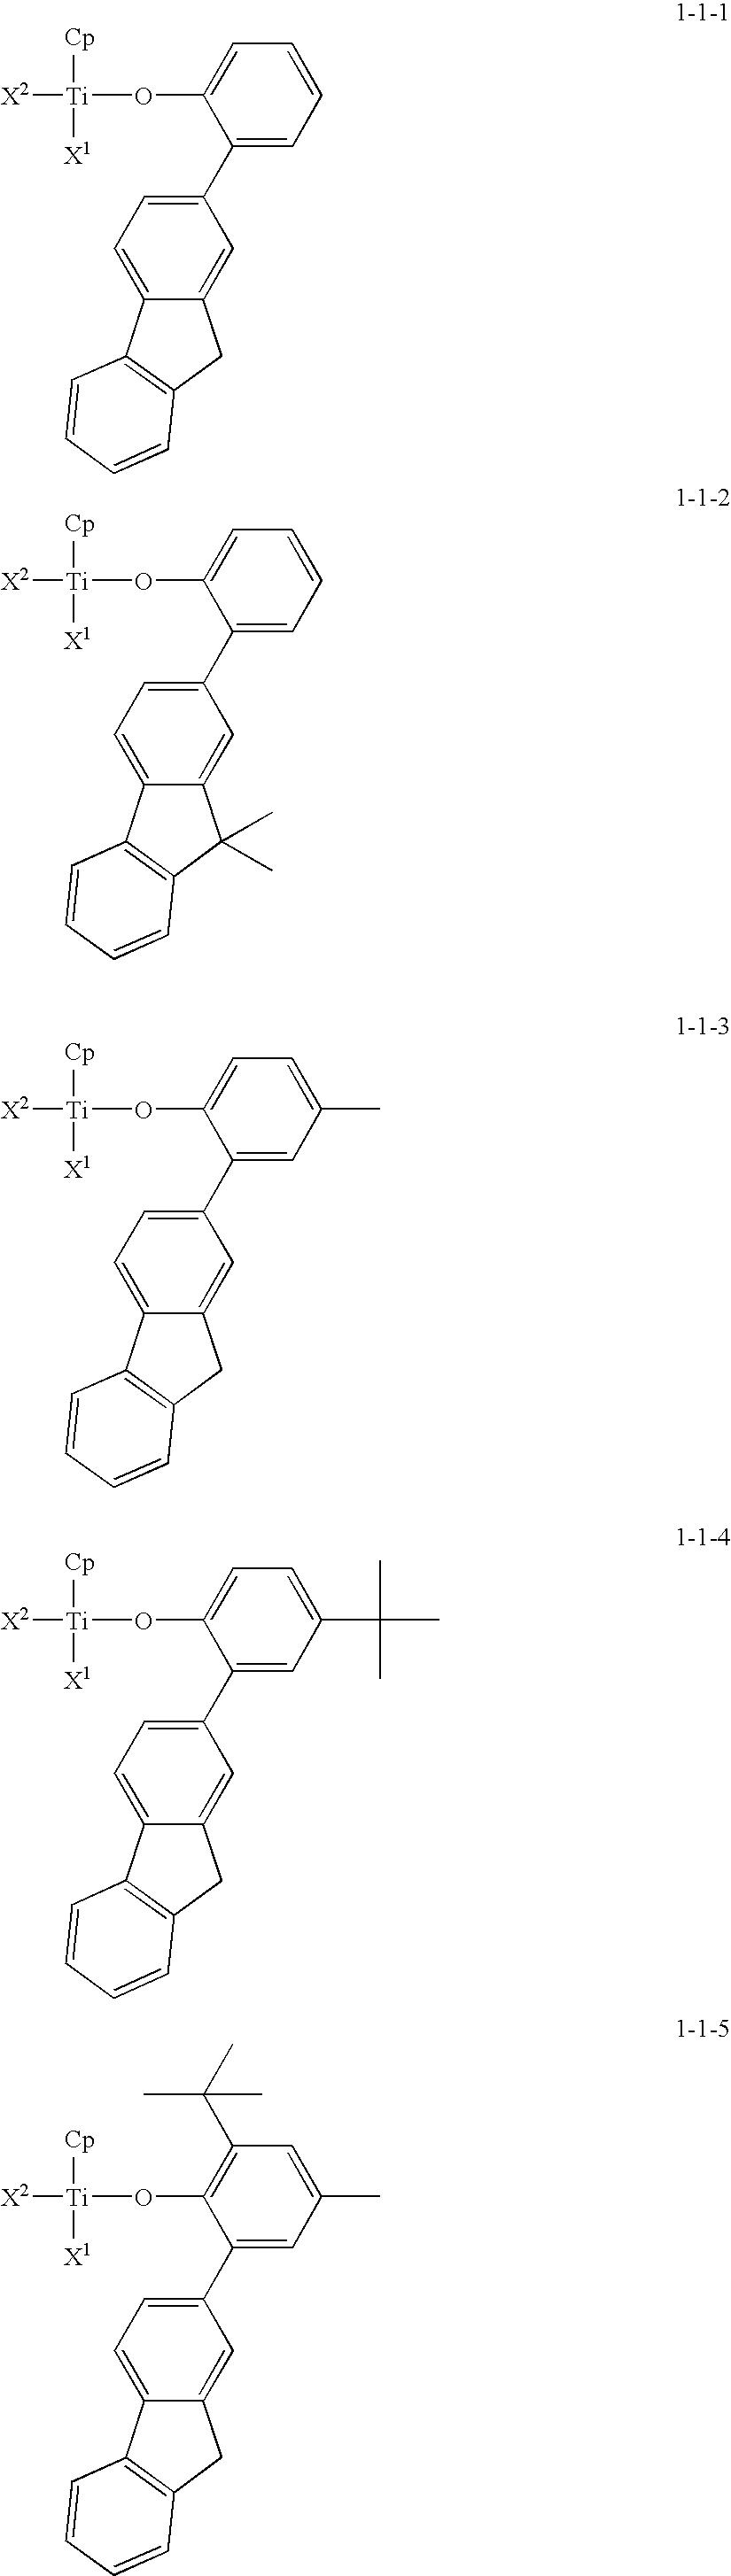 Figure US20100081776A1-20100401-C00070